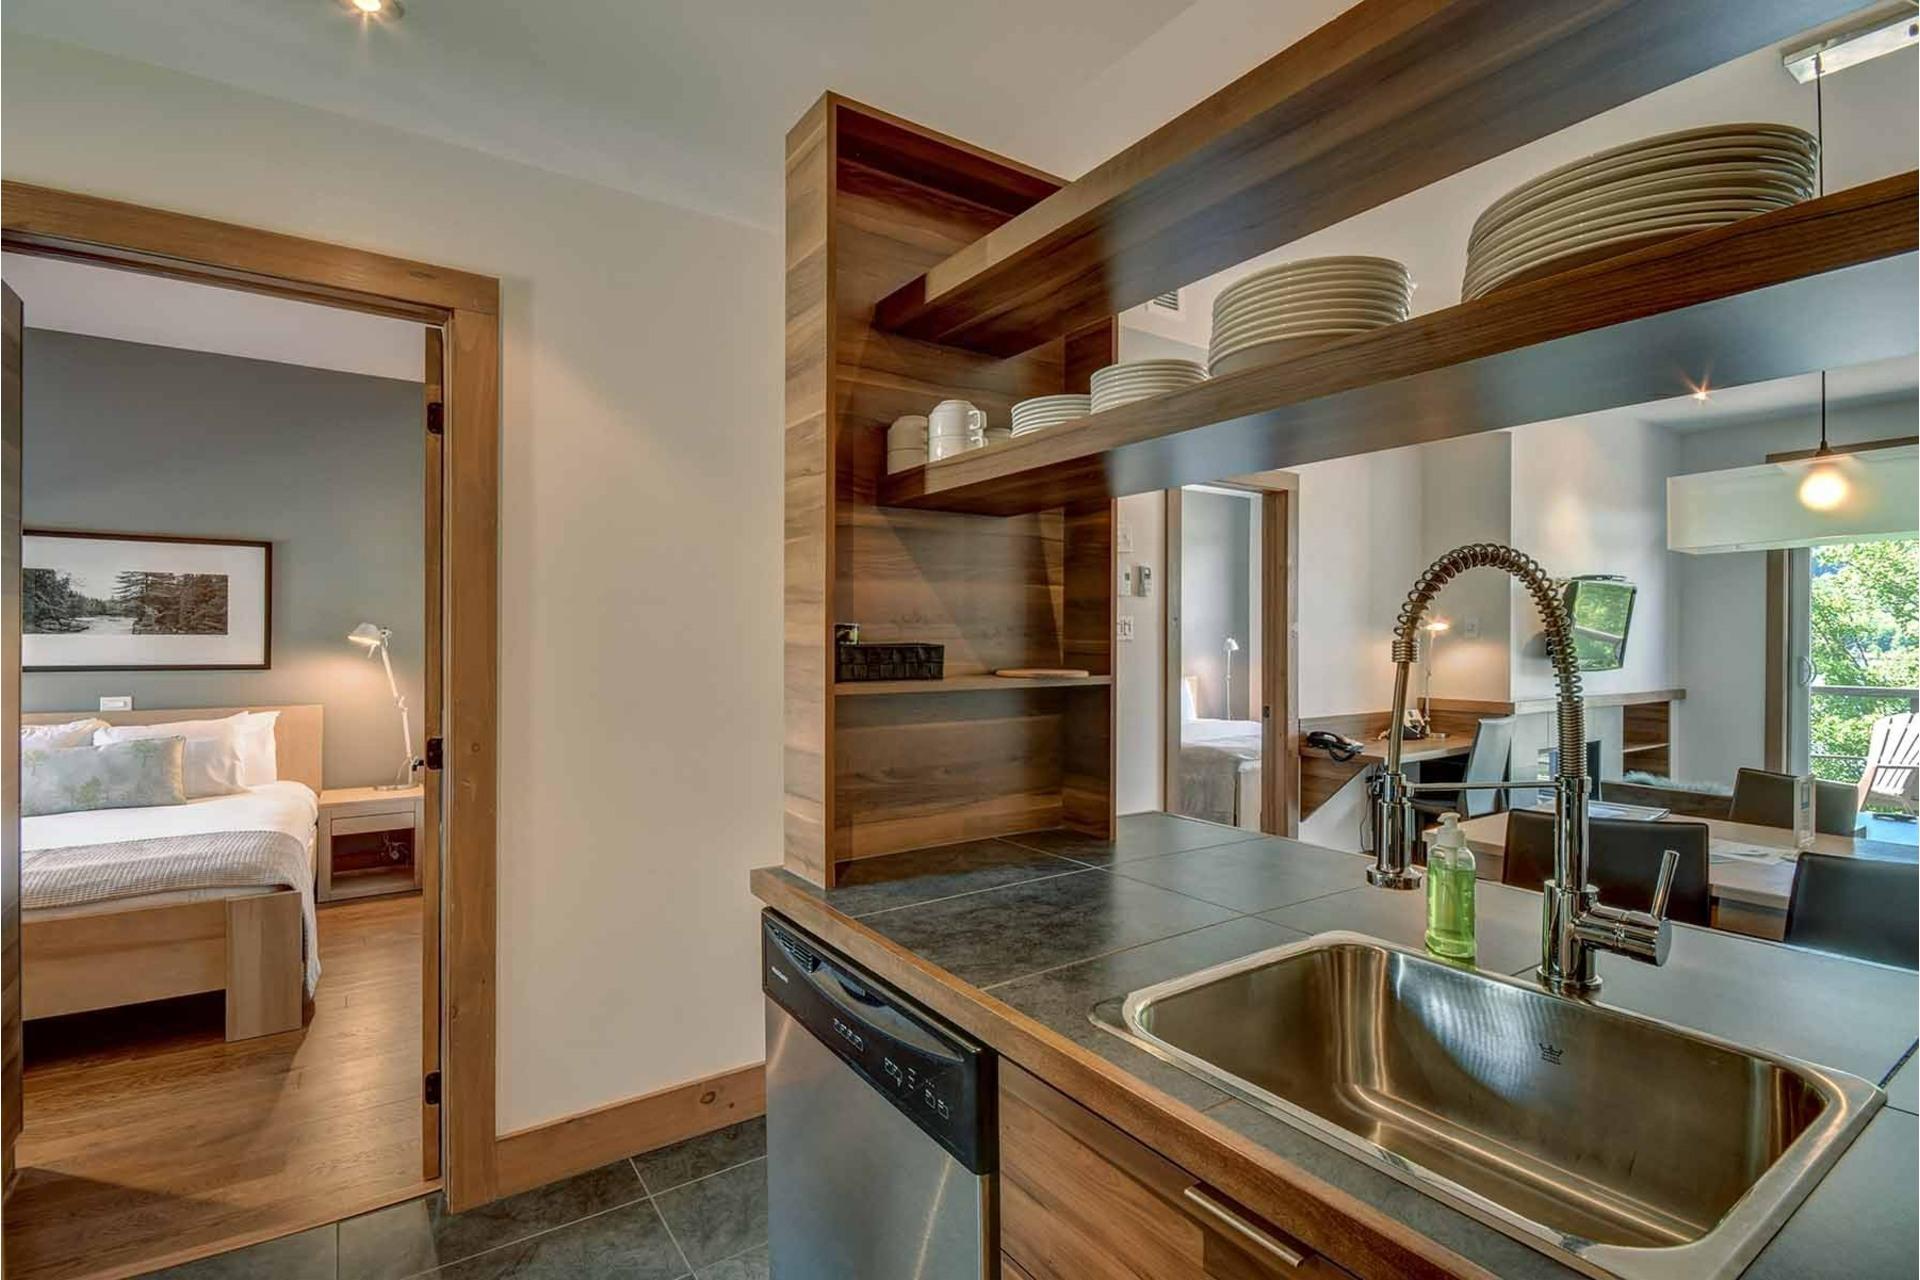 image 13 - Appartement À vendre Lac-Supérieur - 6 pièces